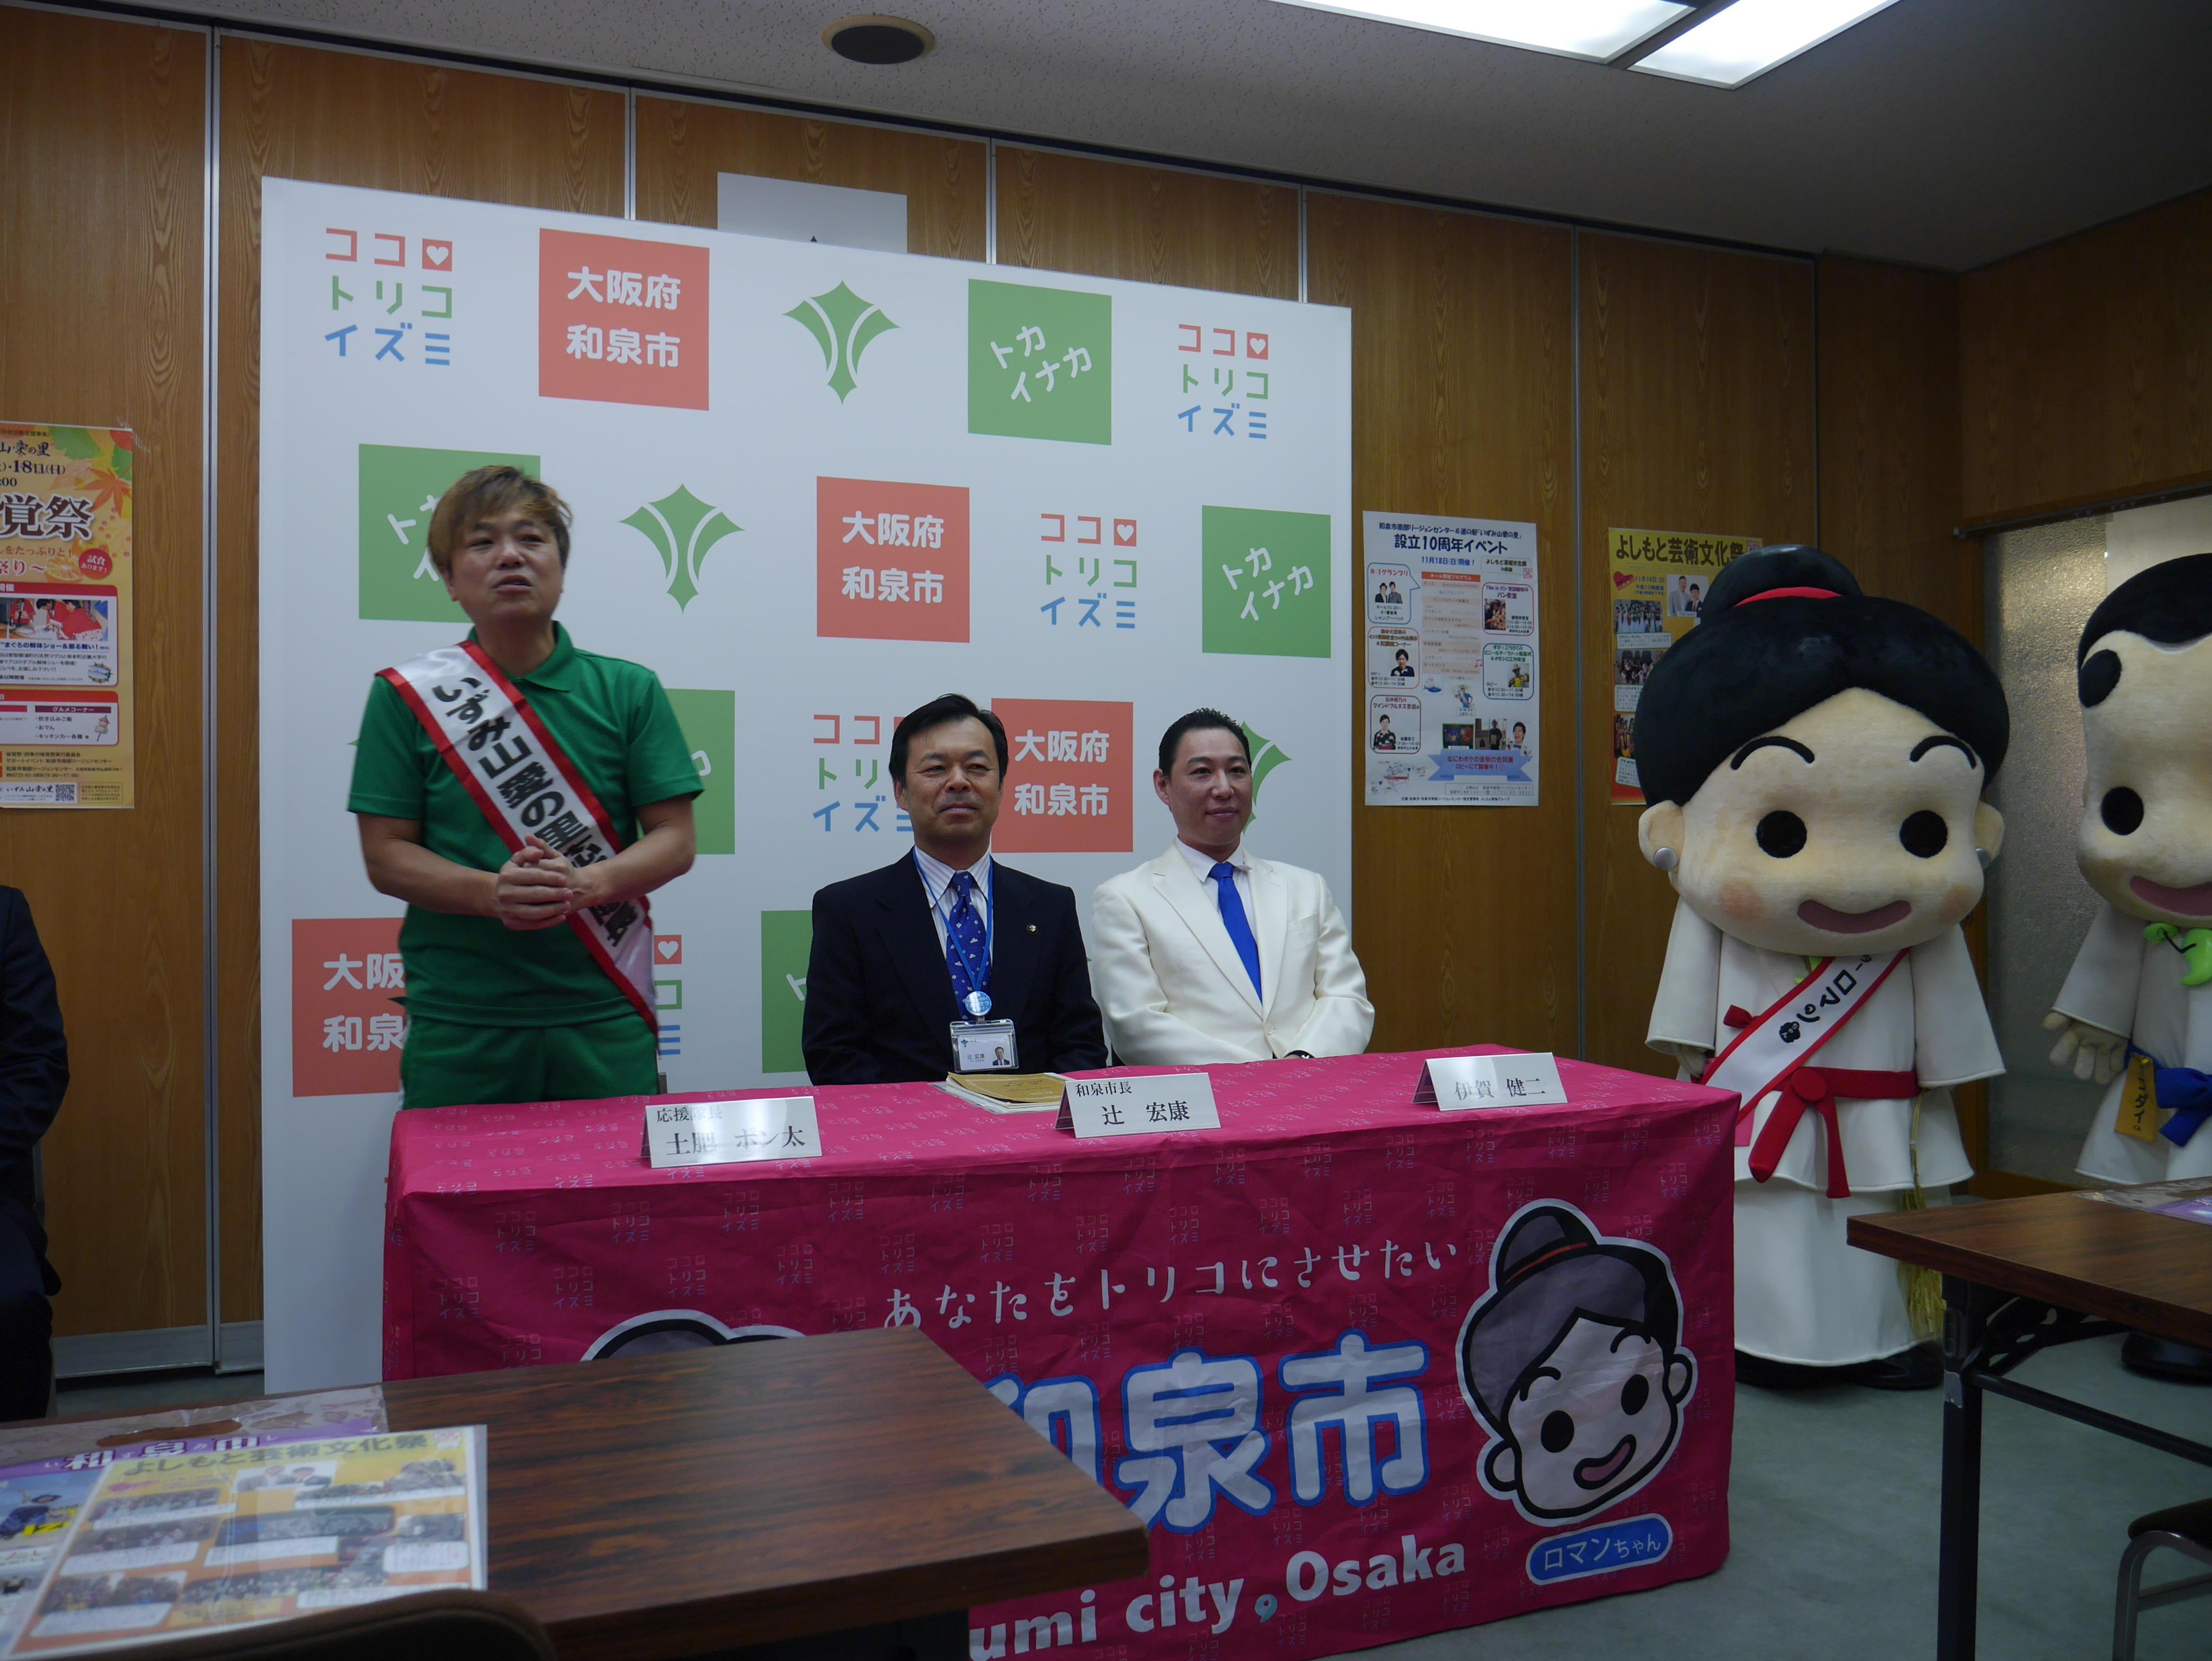 http://news.yoshimoto.co.jp/20181102220518-62d2a38bd075e6312c7b0357dddd615a04187f77.jpg